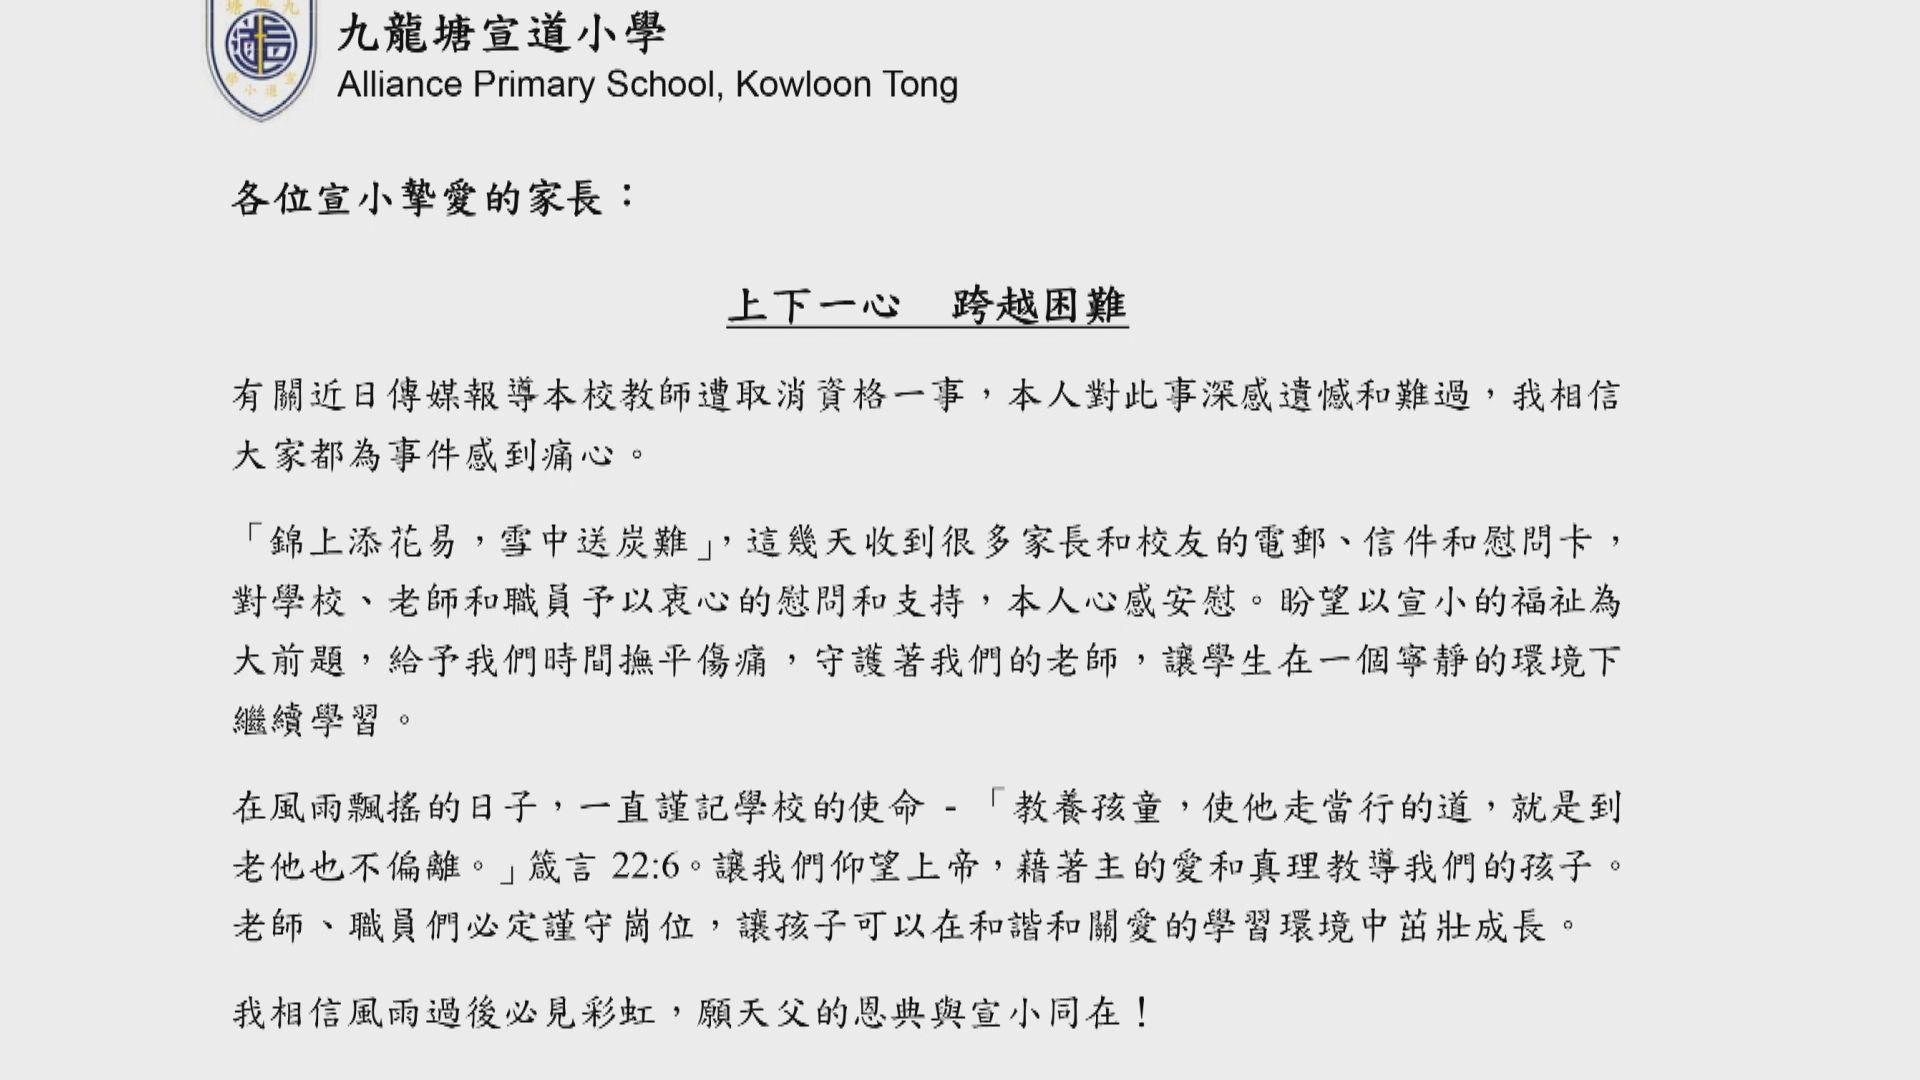 九龍塘宣小校長向全體家長發信 稱校方會繼續謹守崗位